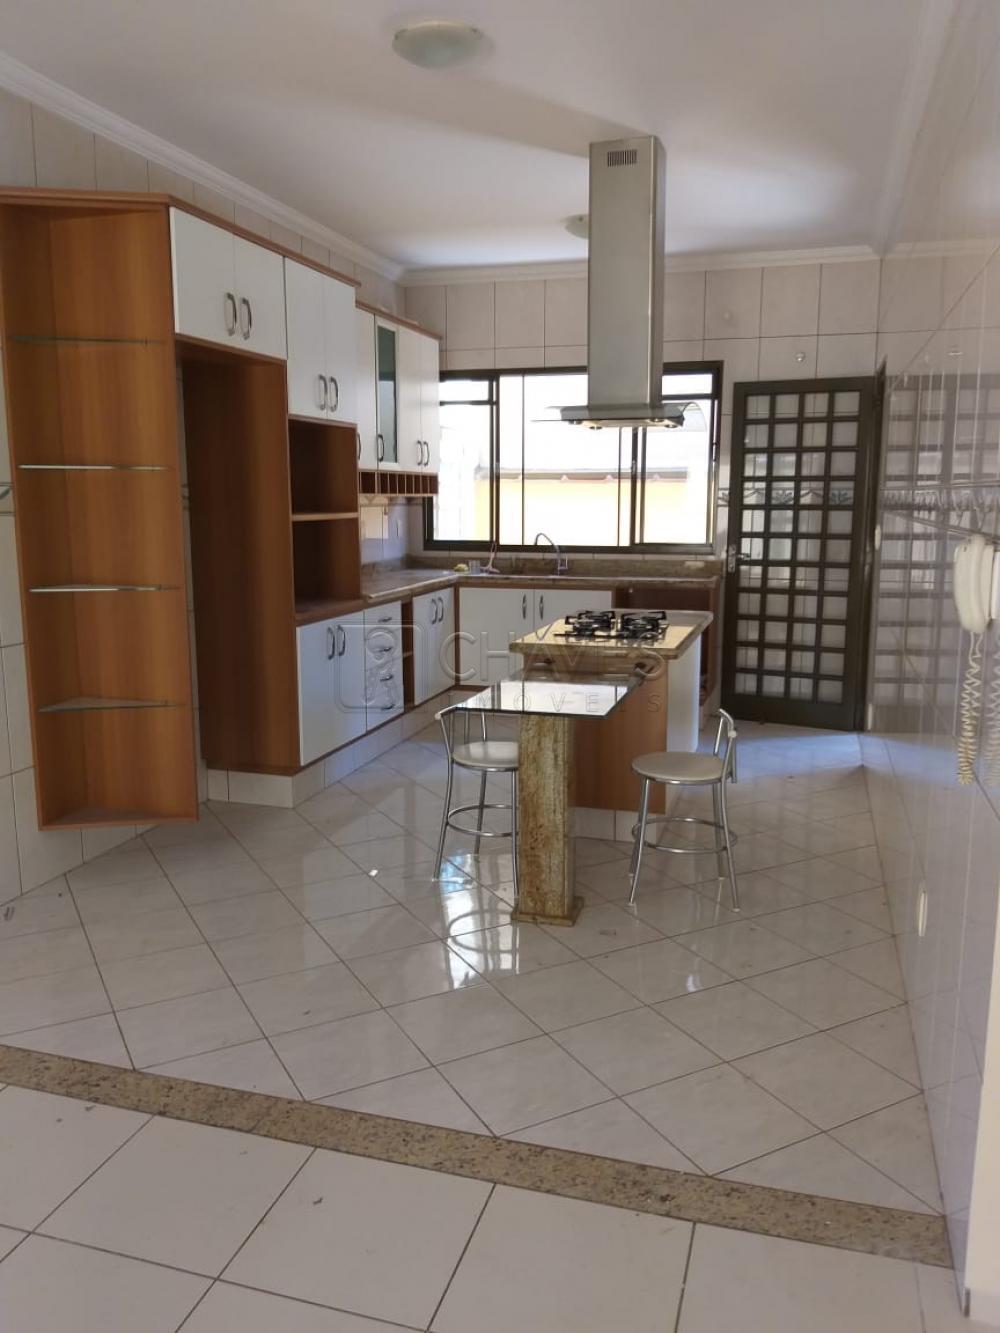 Comprar Casa / Condomínio em Bonfim Paulista apenas R$ 550.000,00 - Foto 7